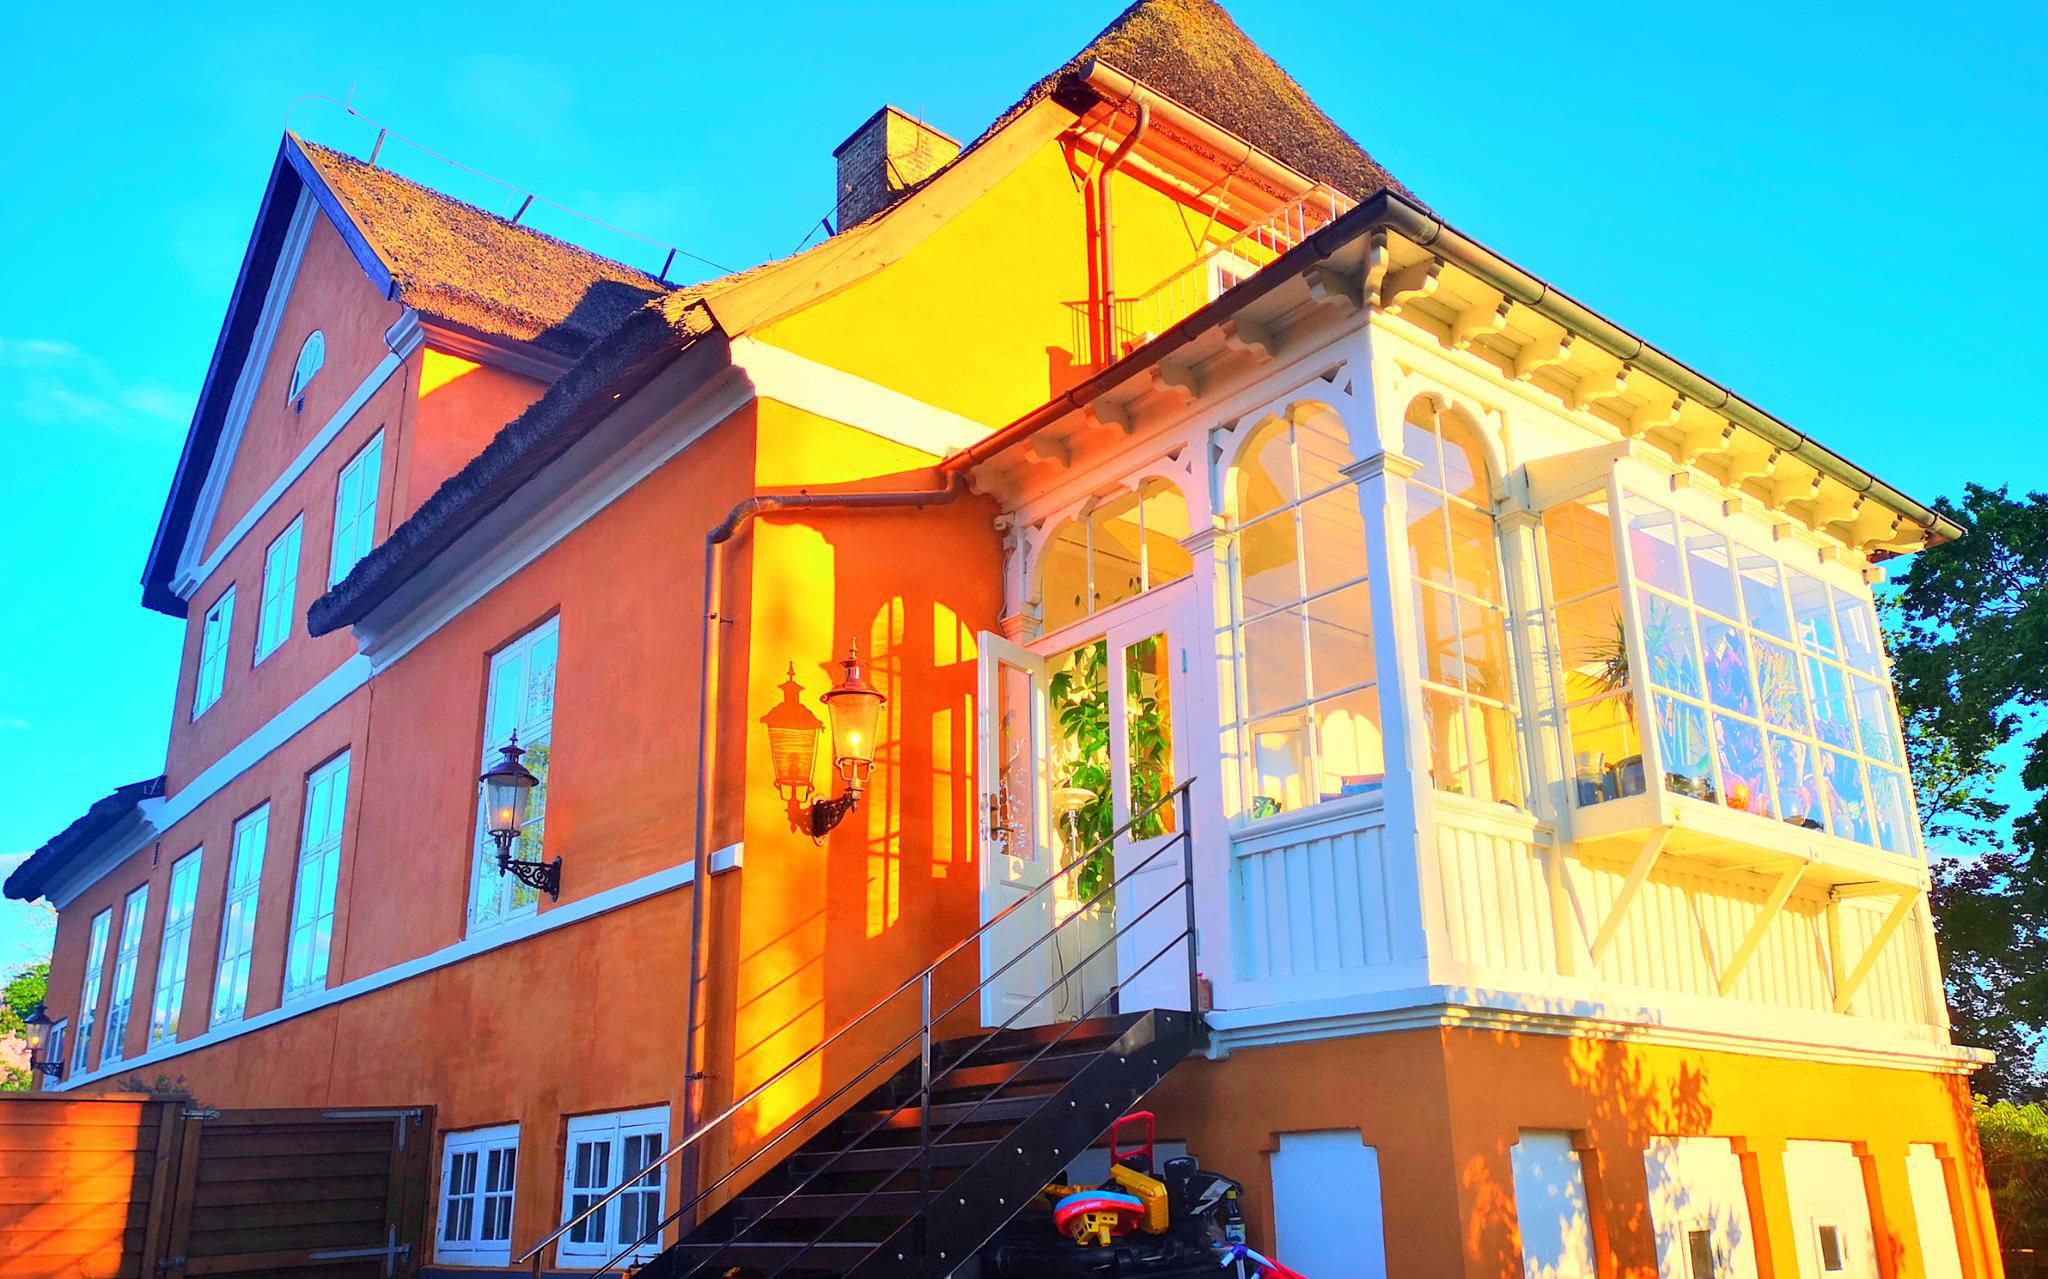 Ngôi nhà từ thế kỷ 18 của cô gái Việt ở Đan Mạch: Là di tích lịch sử, bất ngờ lớn nhất nằm ở mái nhà